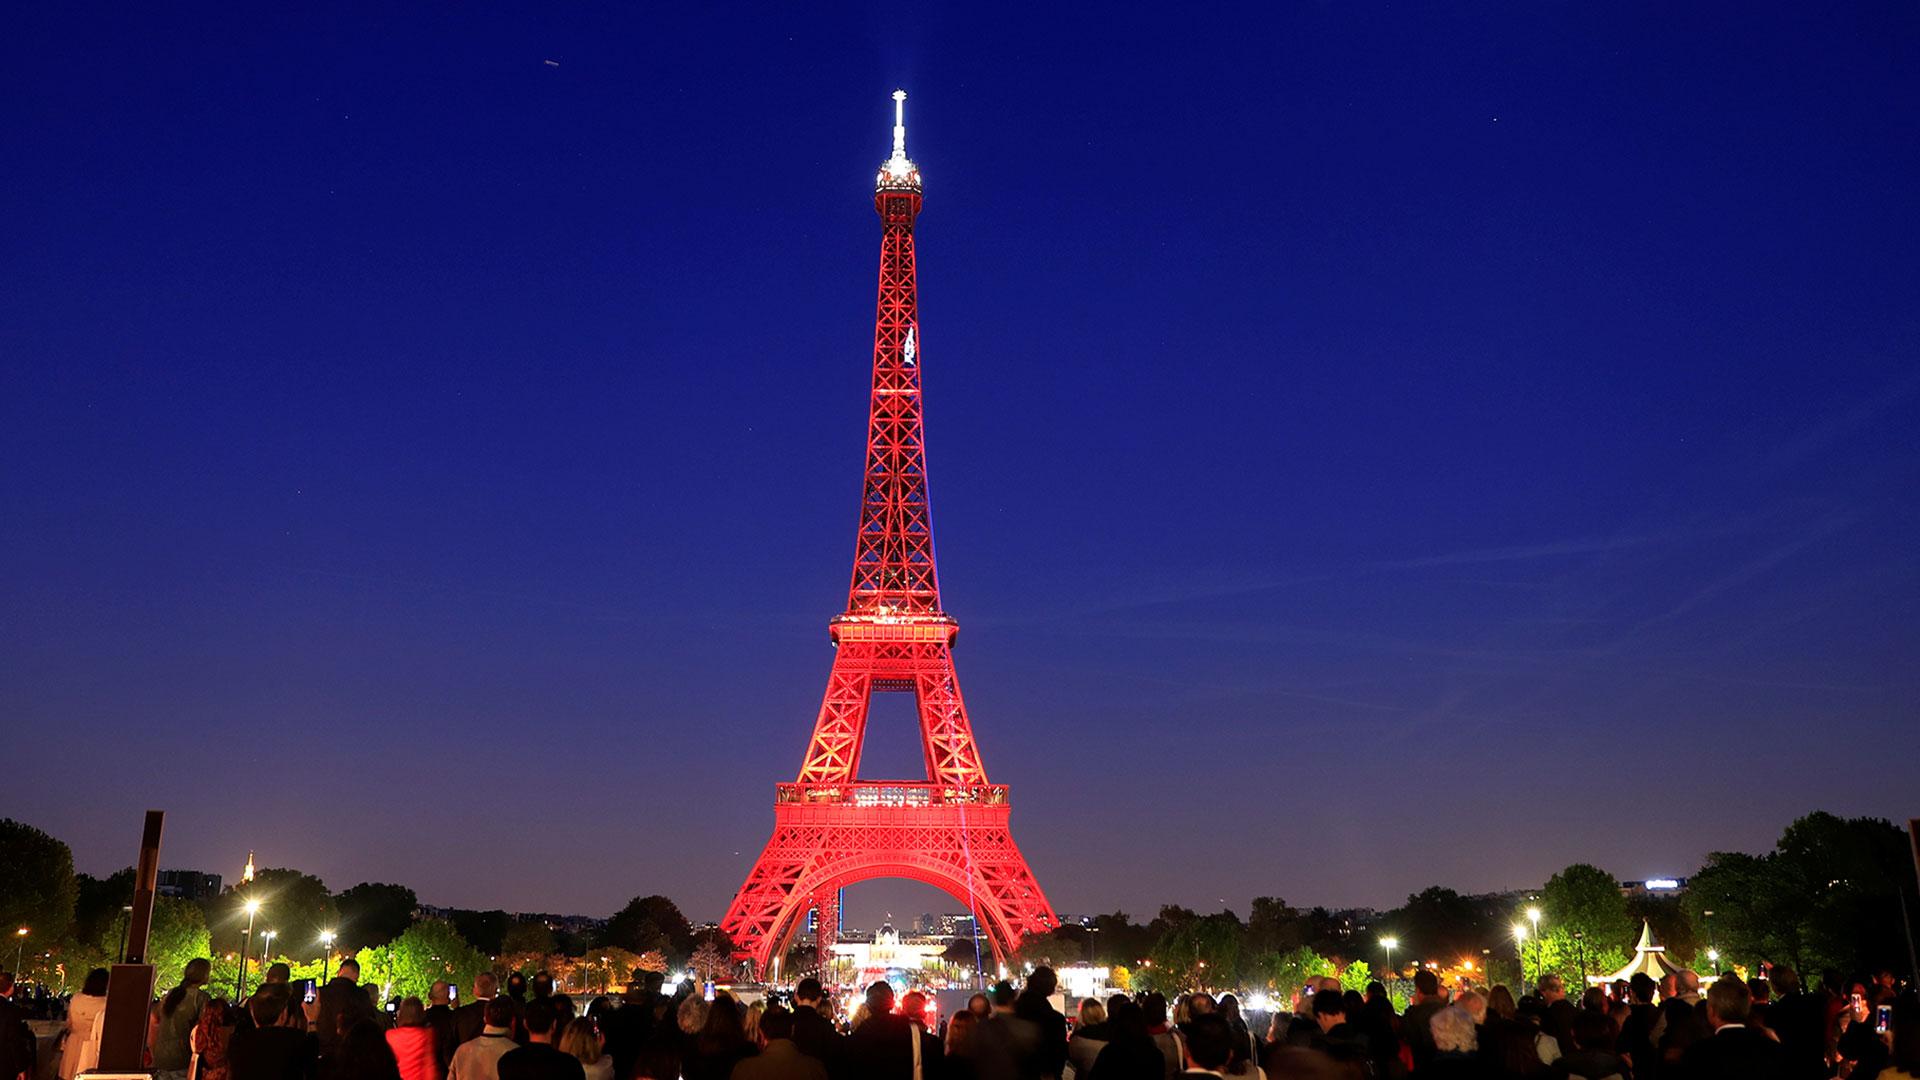 La Torre Eiffel se ilumina durante un show de luces para celebrar su 130 aniversario en París, Francia, el 15 de mayo de 2019.